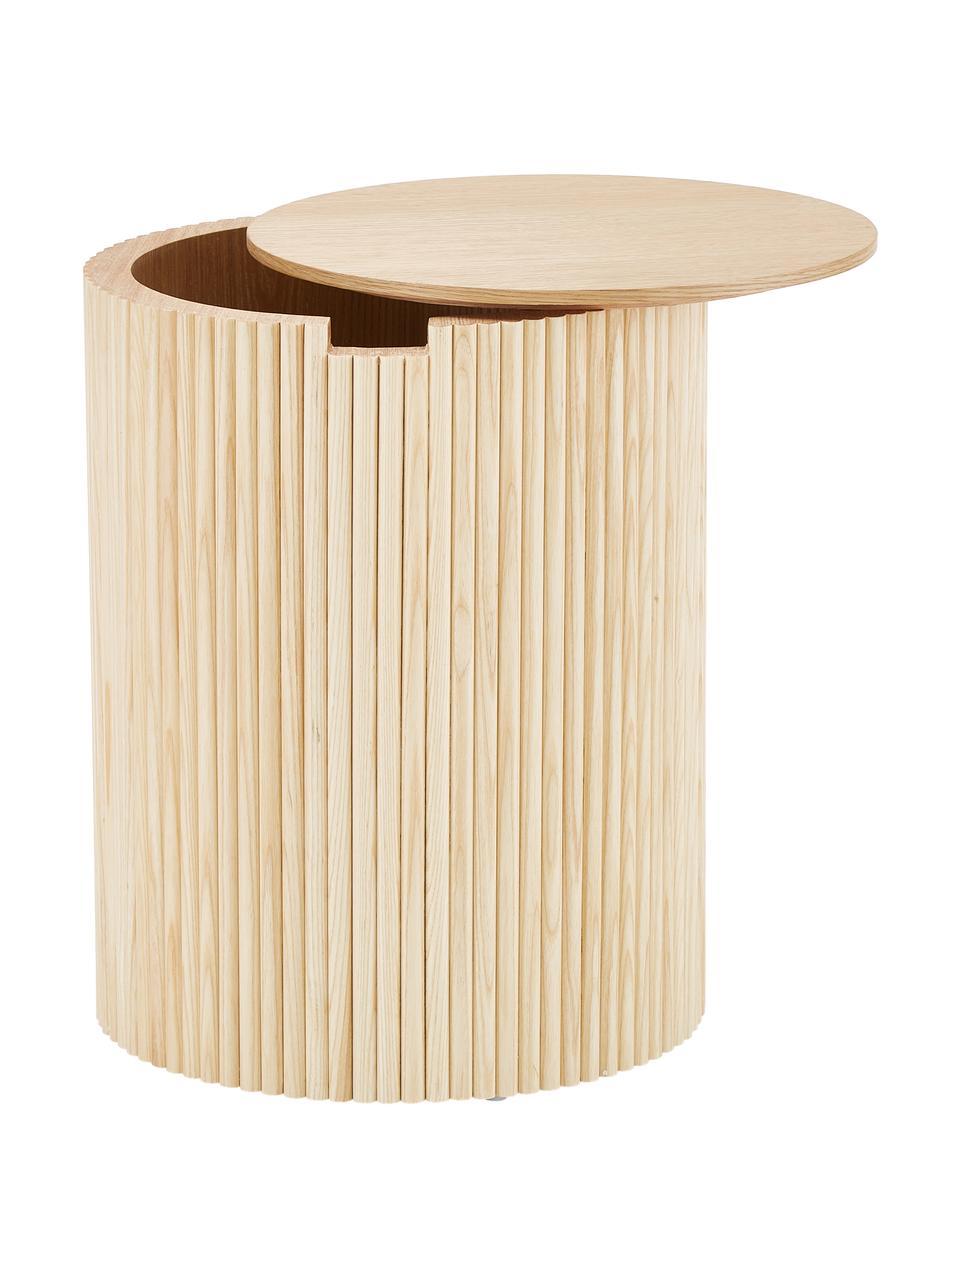 Drewniany stolik pomocniczy ze schowkiem Nele, Płyta pilśniowa (MDF) z fornirem z drewna jesionowego, Okleina jesionowa, Ø 40 x W 51 cm